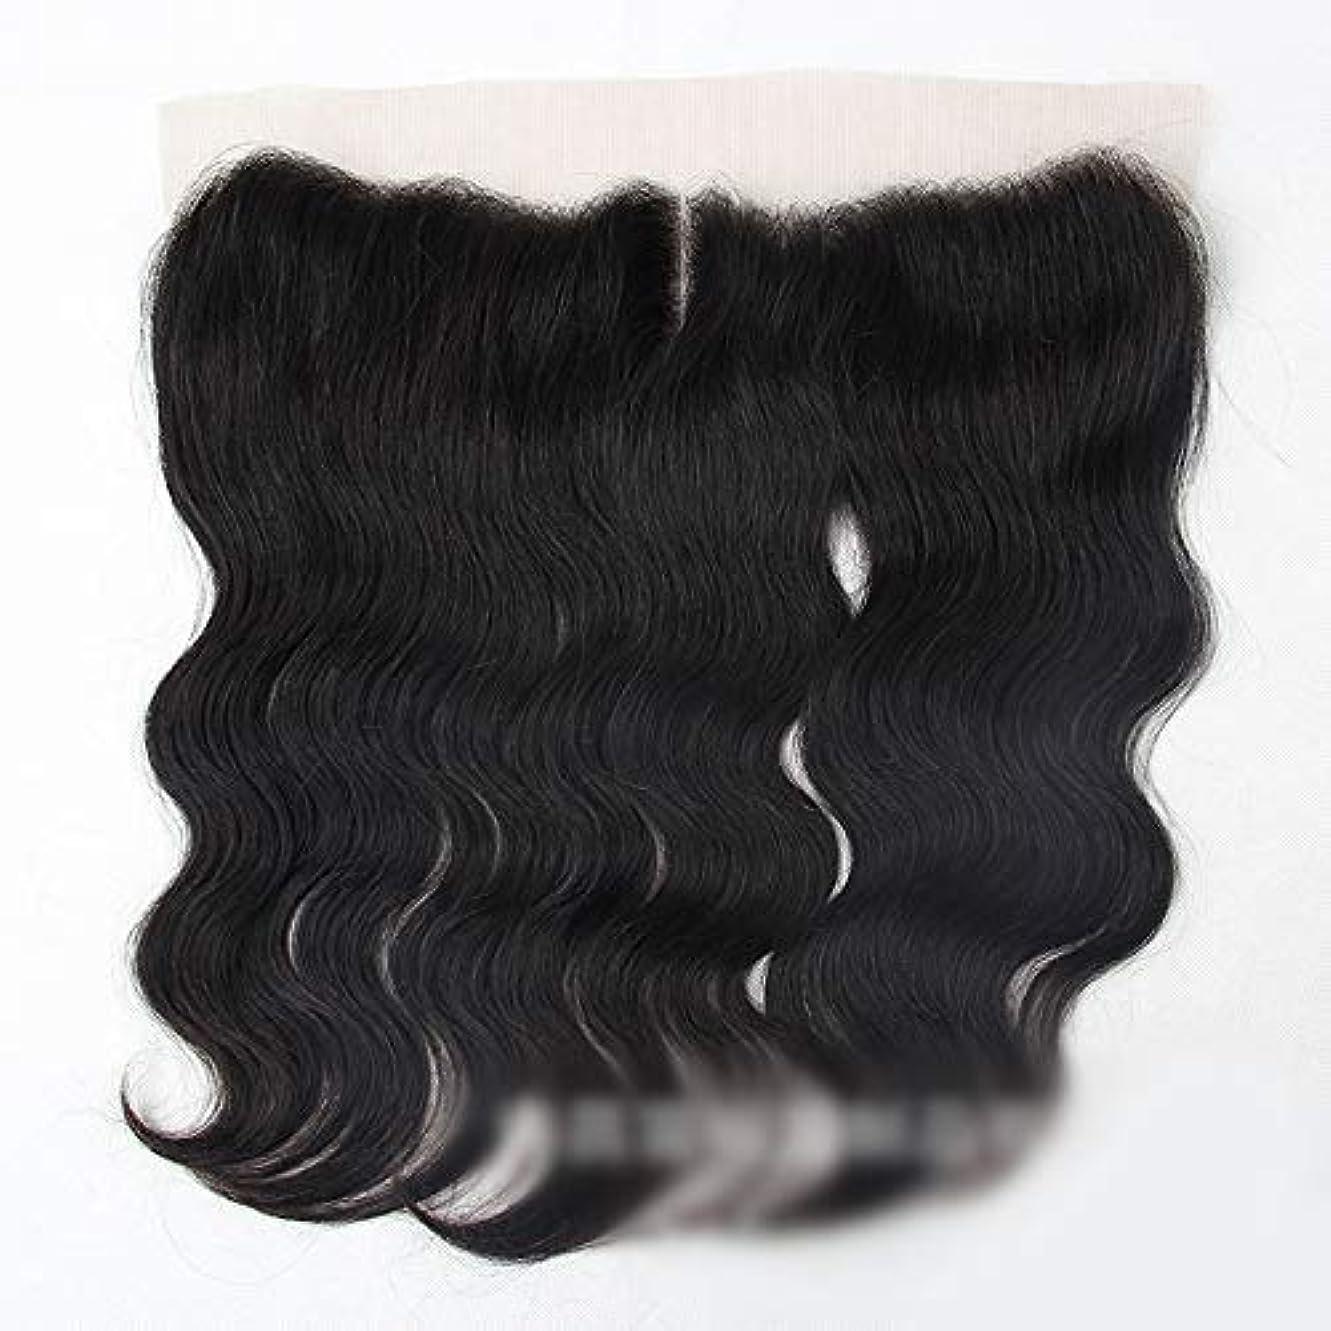 ピアノかどうか補償Mayalina ブラジルの実体波人間の髪の毛13×4レース前頭閉鎖中間部ナチュラルブラックカラーショートウィッグ (色 : 黒, サイズ : 10 inch)